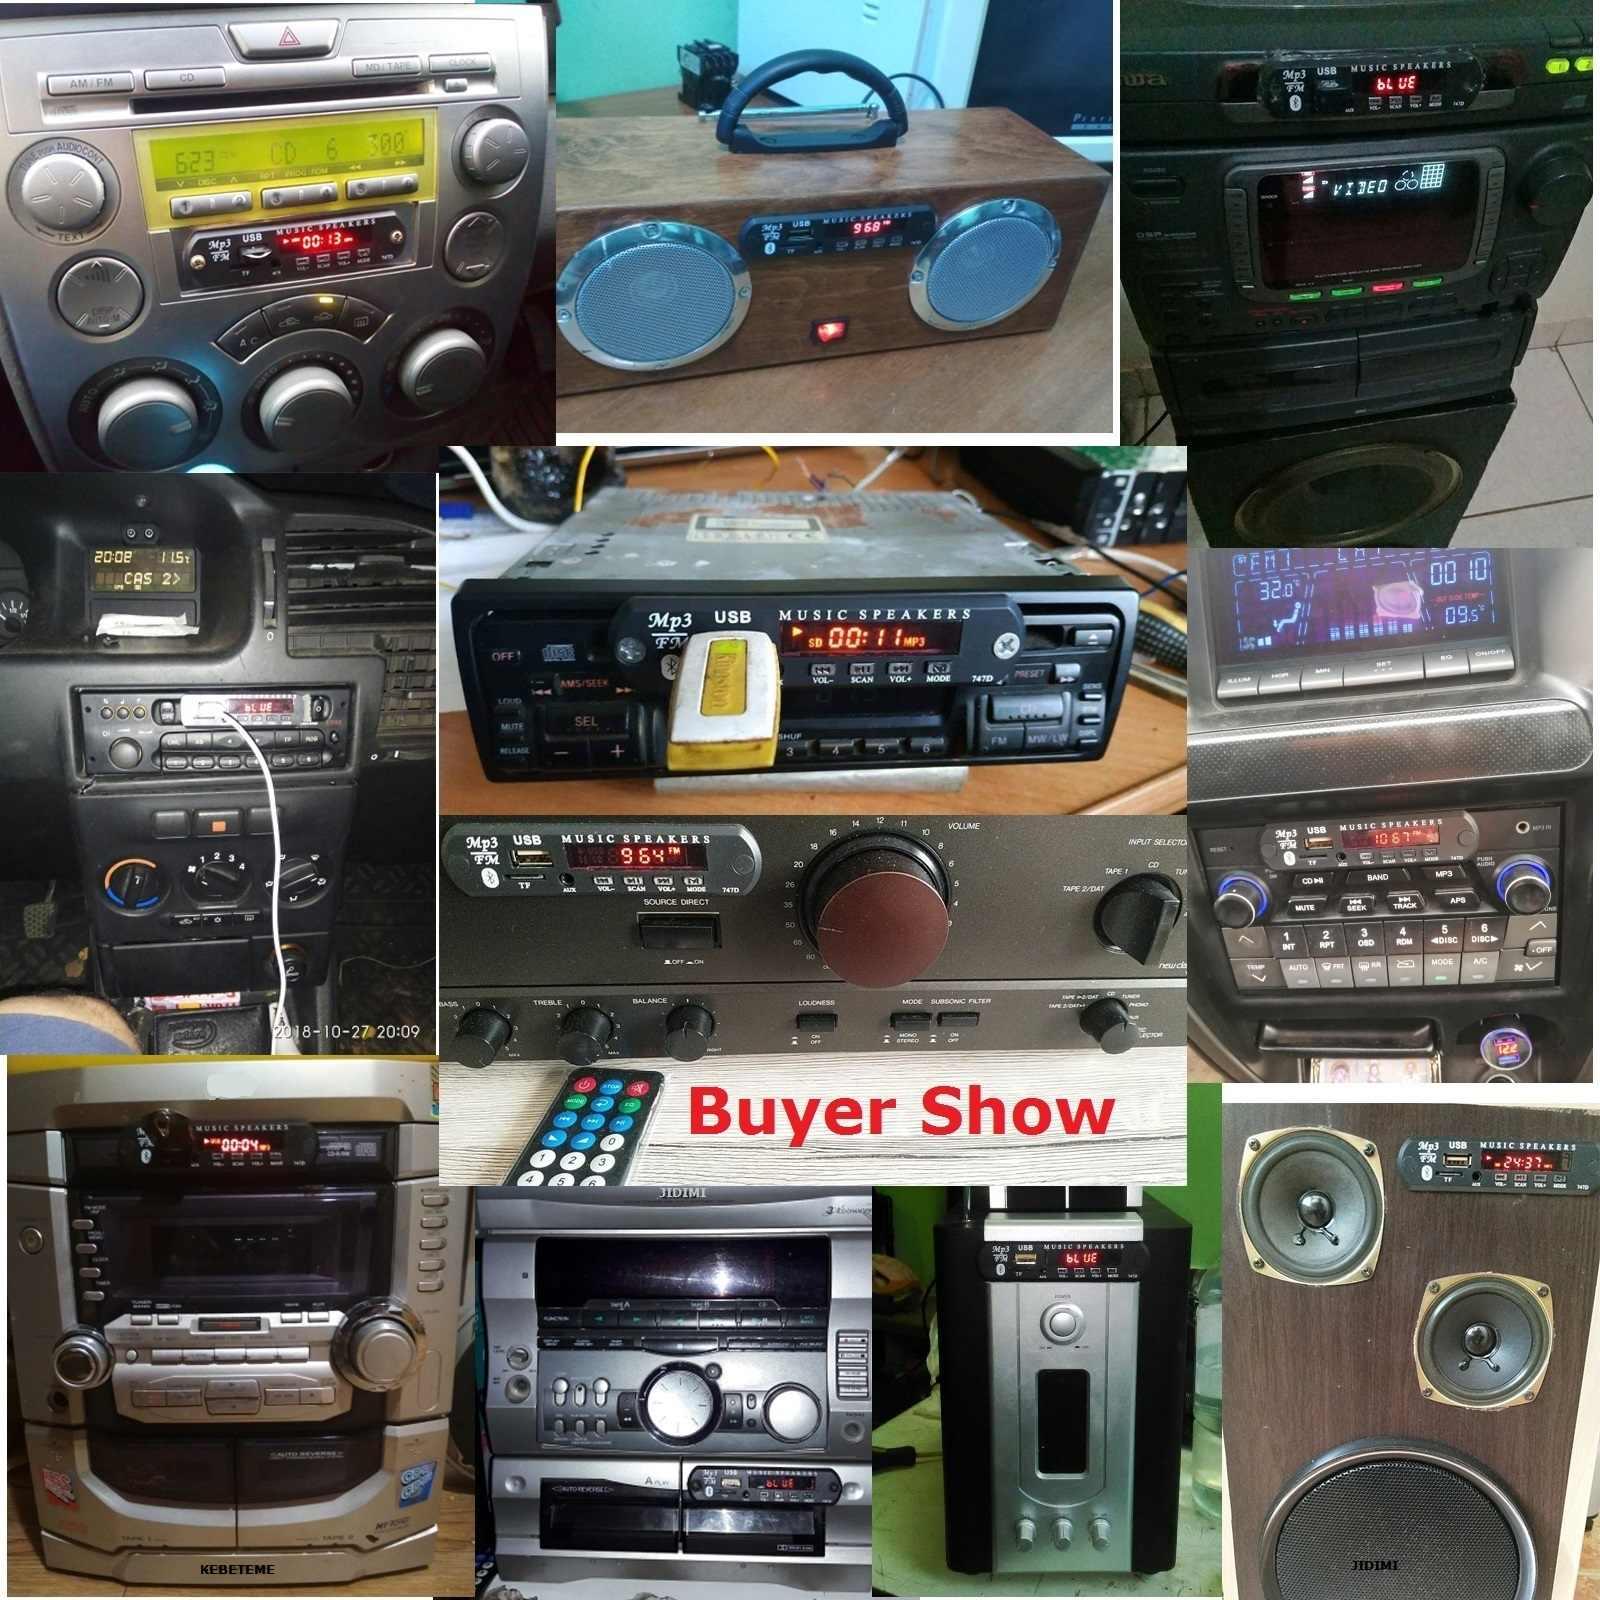 Bluetooth цветной экран MP3 автомобильный комплект 12 в MP3 WMA декодер плата модуль USB TF беспроводной аудио приемник fm-радио DIY музыкальный плеер